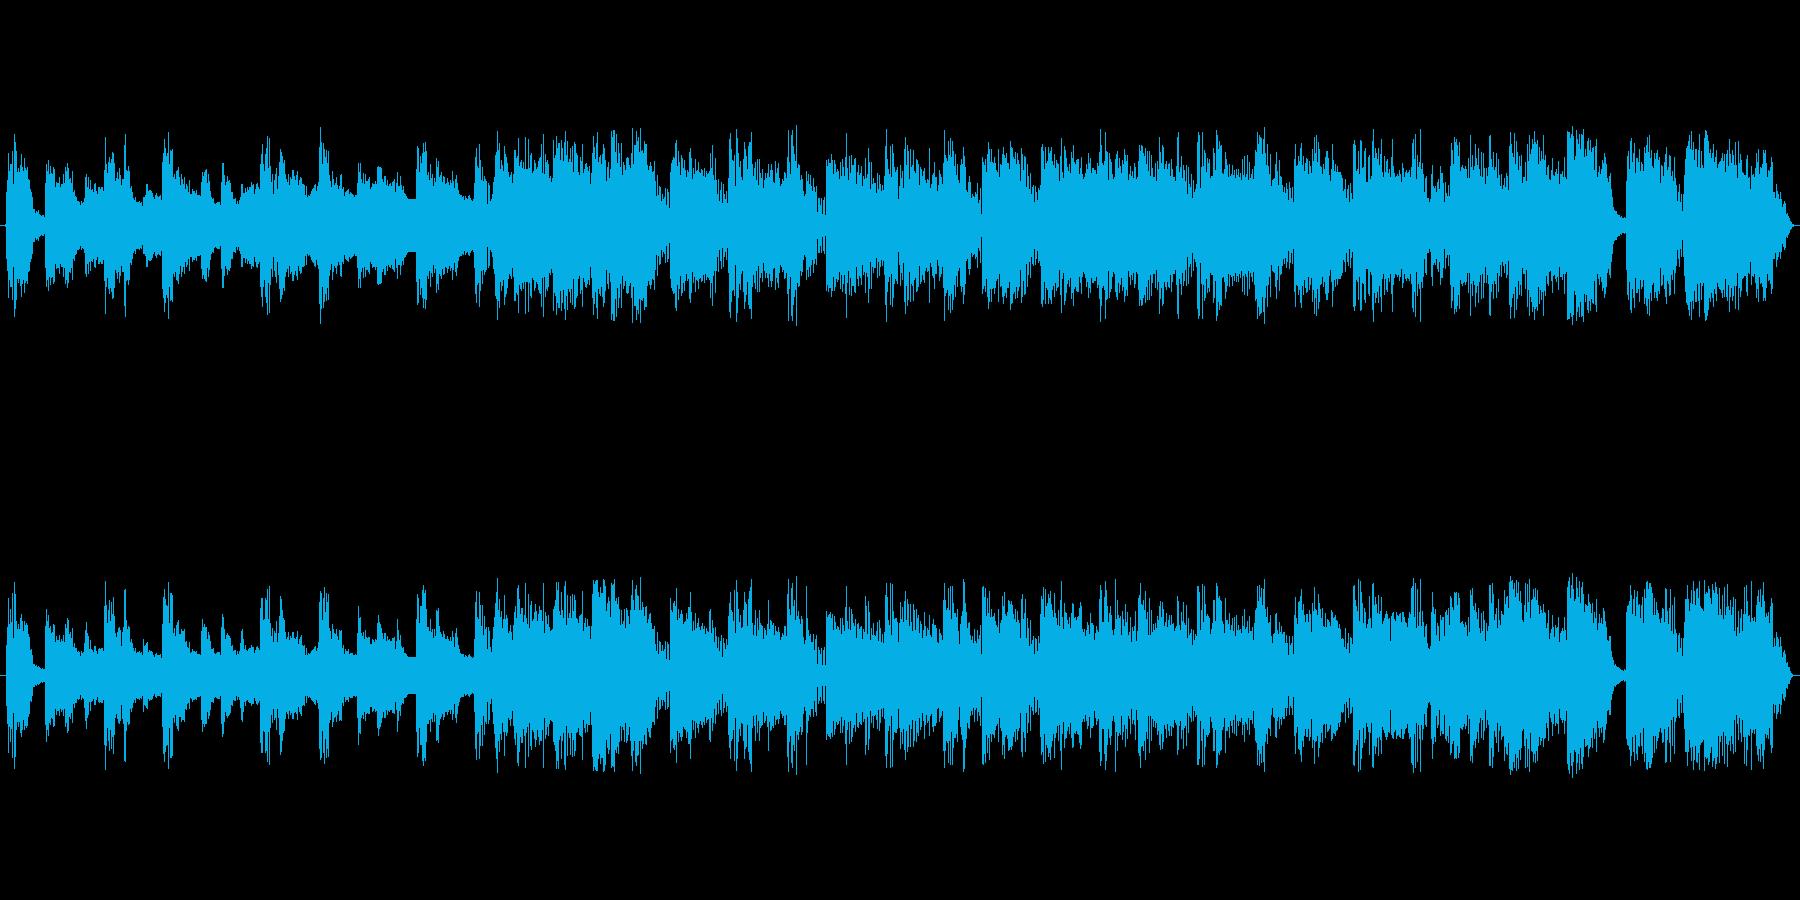 出囃子 15秒 手拍子しやすい音源の再生済みの波形